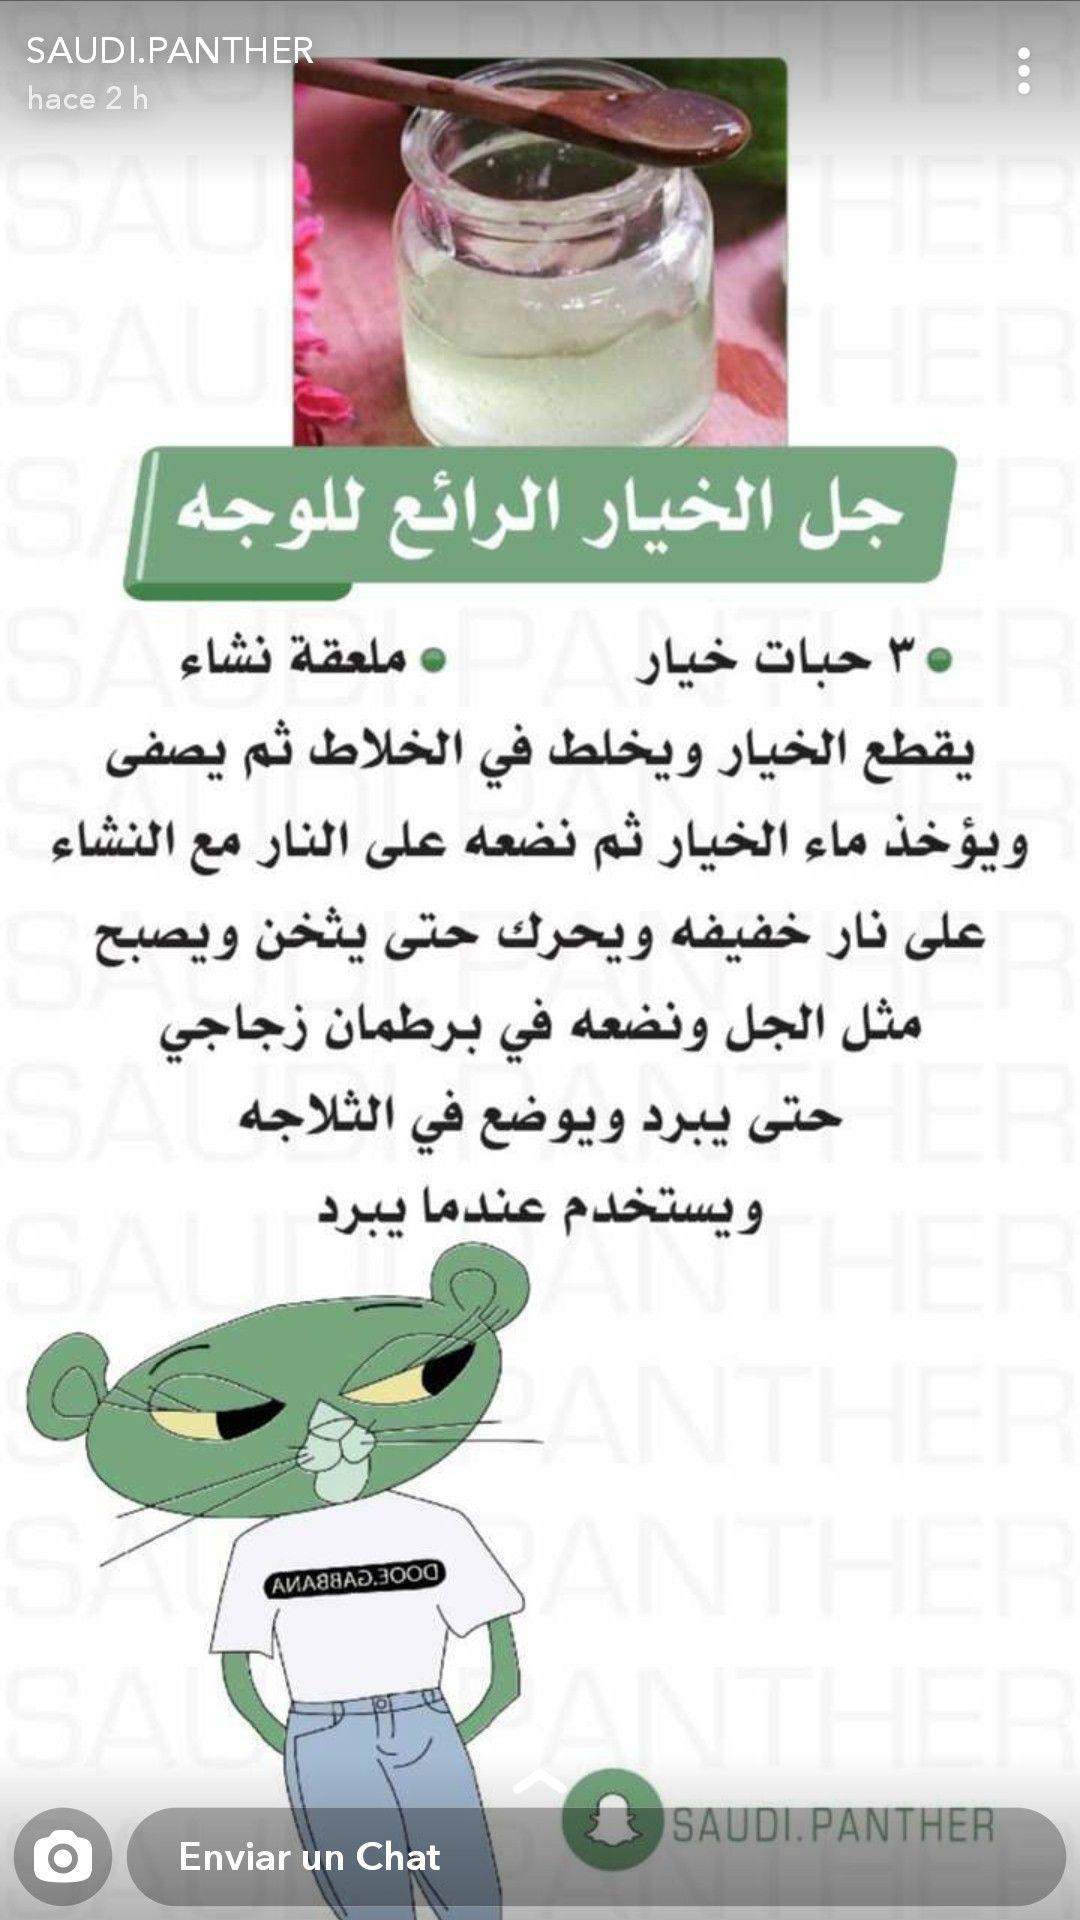 Pin By Somaya On Saudi Panther Pretty Skin Care Skin Care Diy Masks Diy Skin Care Routine